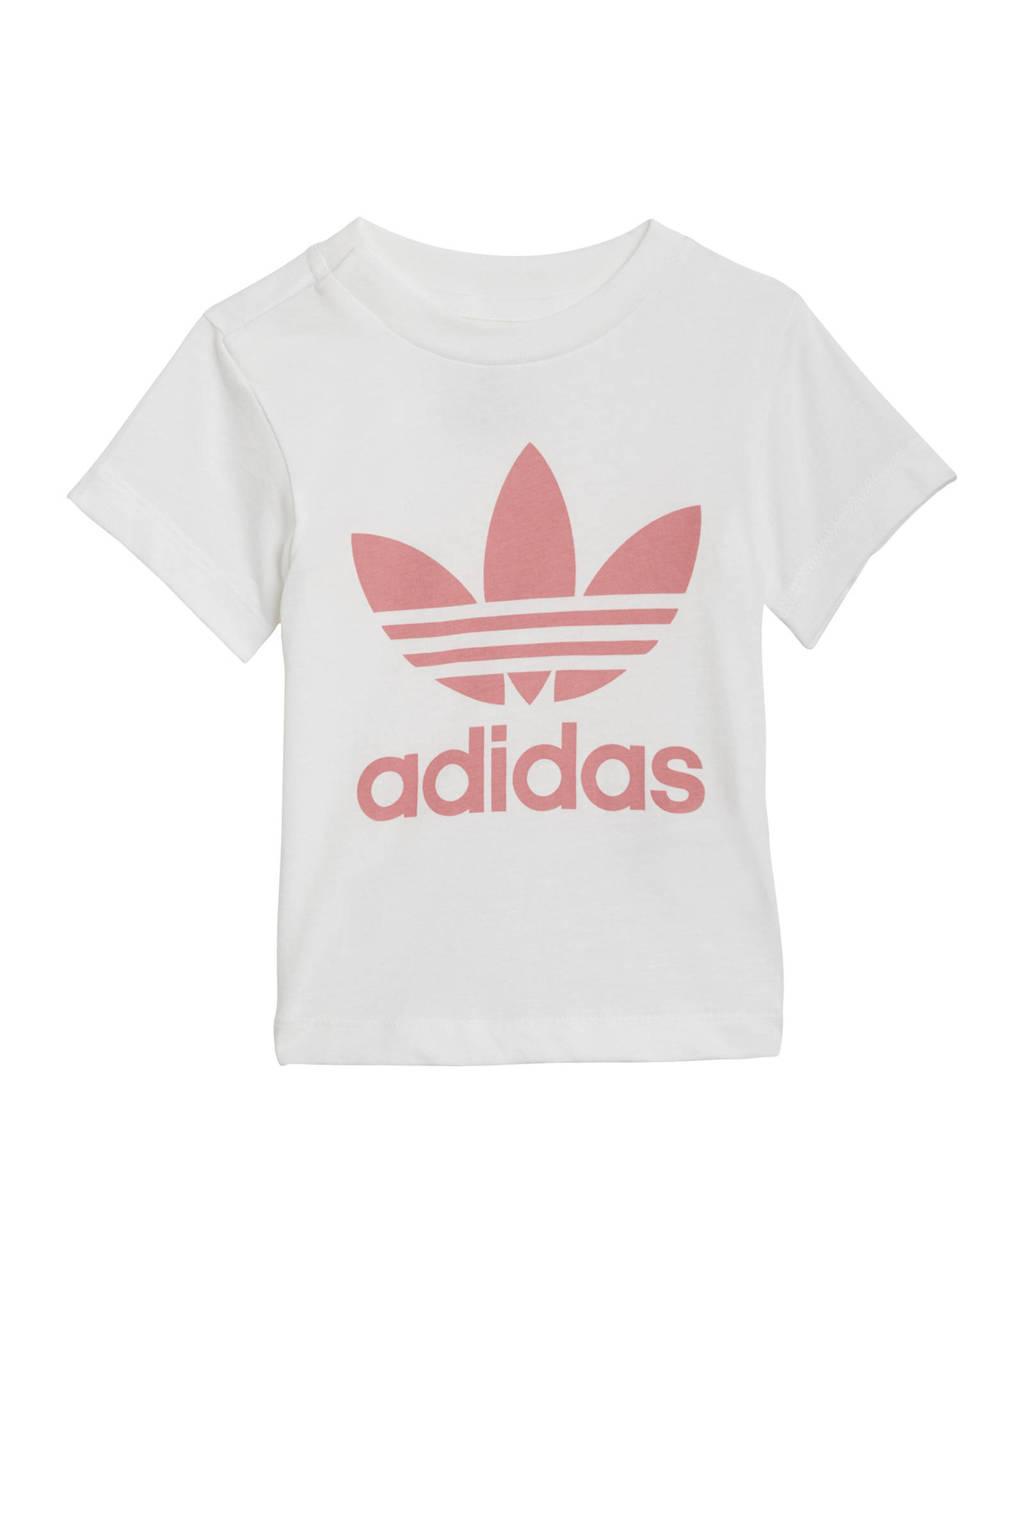 adidas Originals Adicolor T-shirt wit/lichtroze, Wit/lichtroze